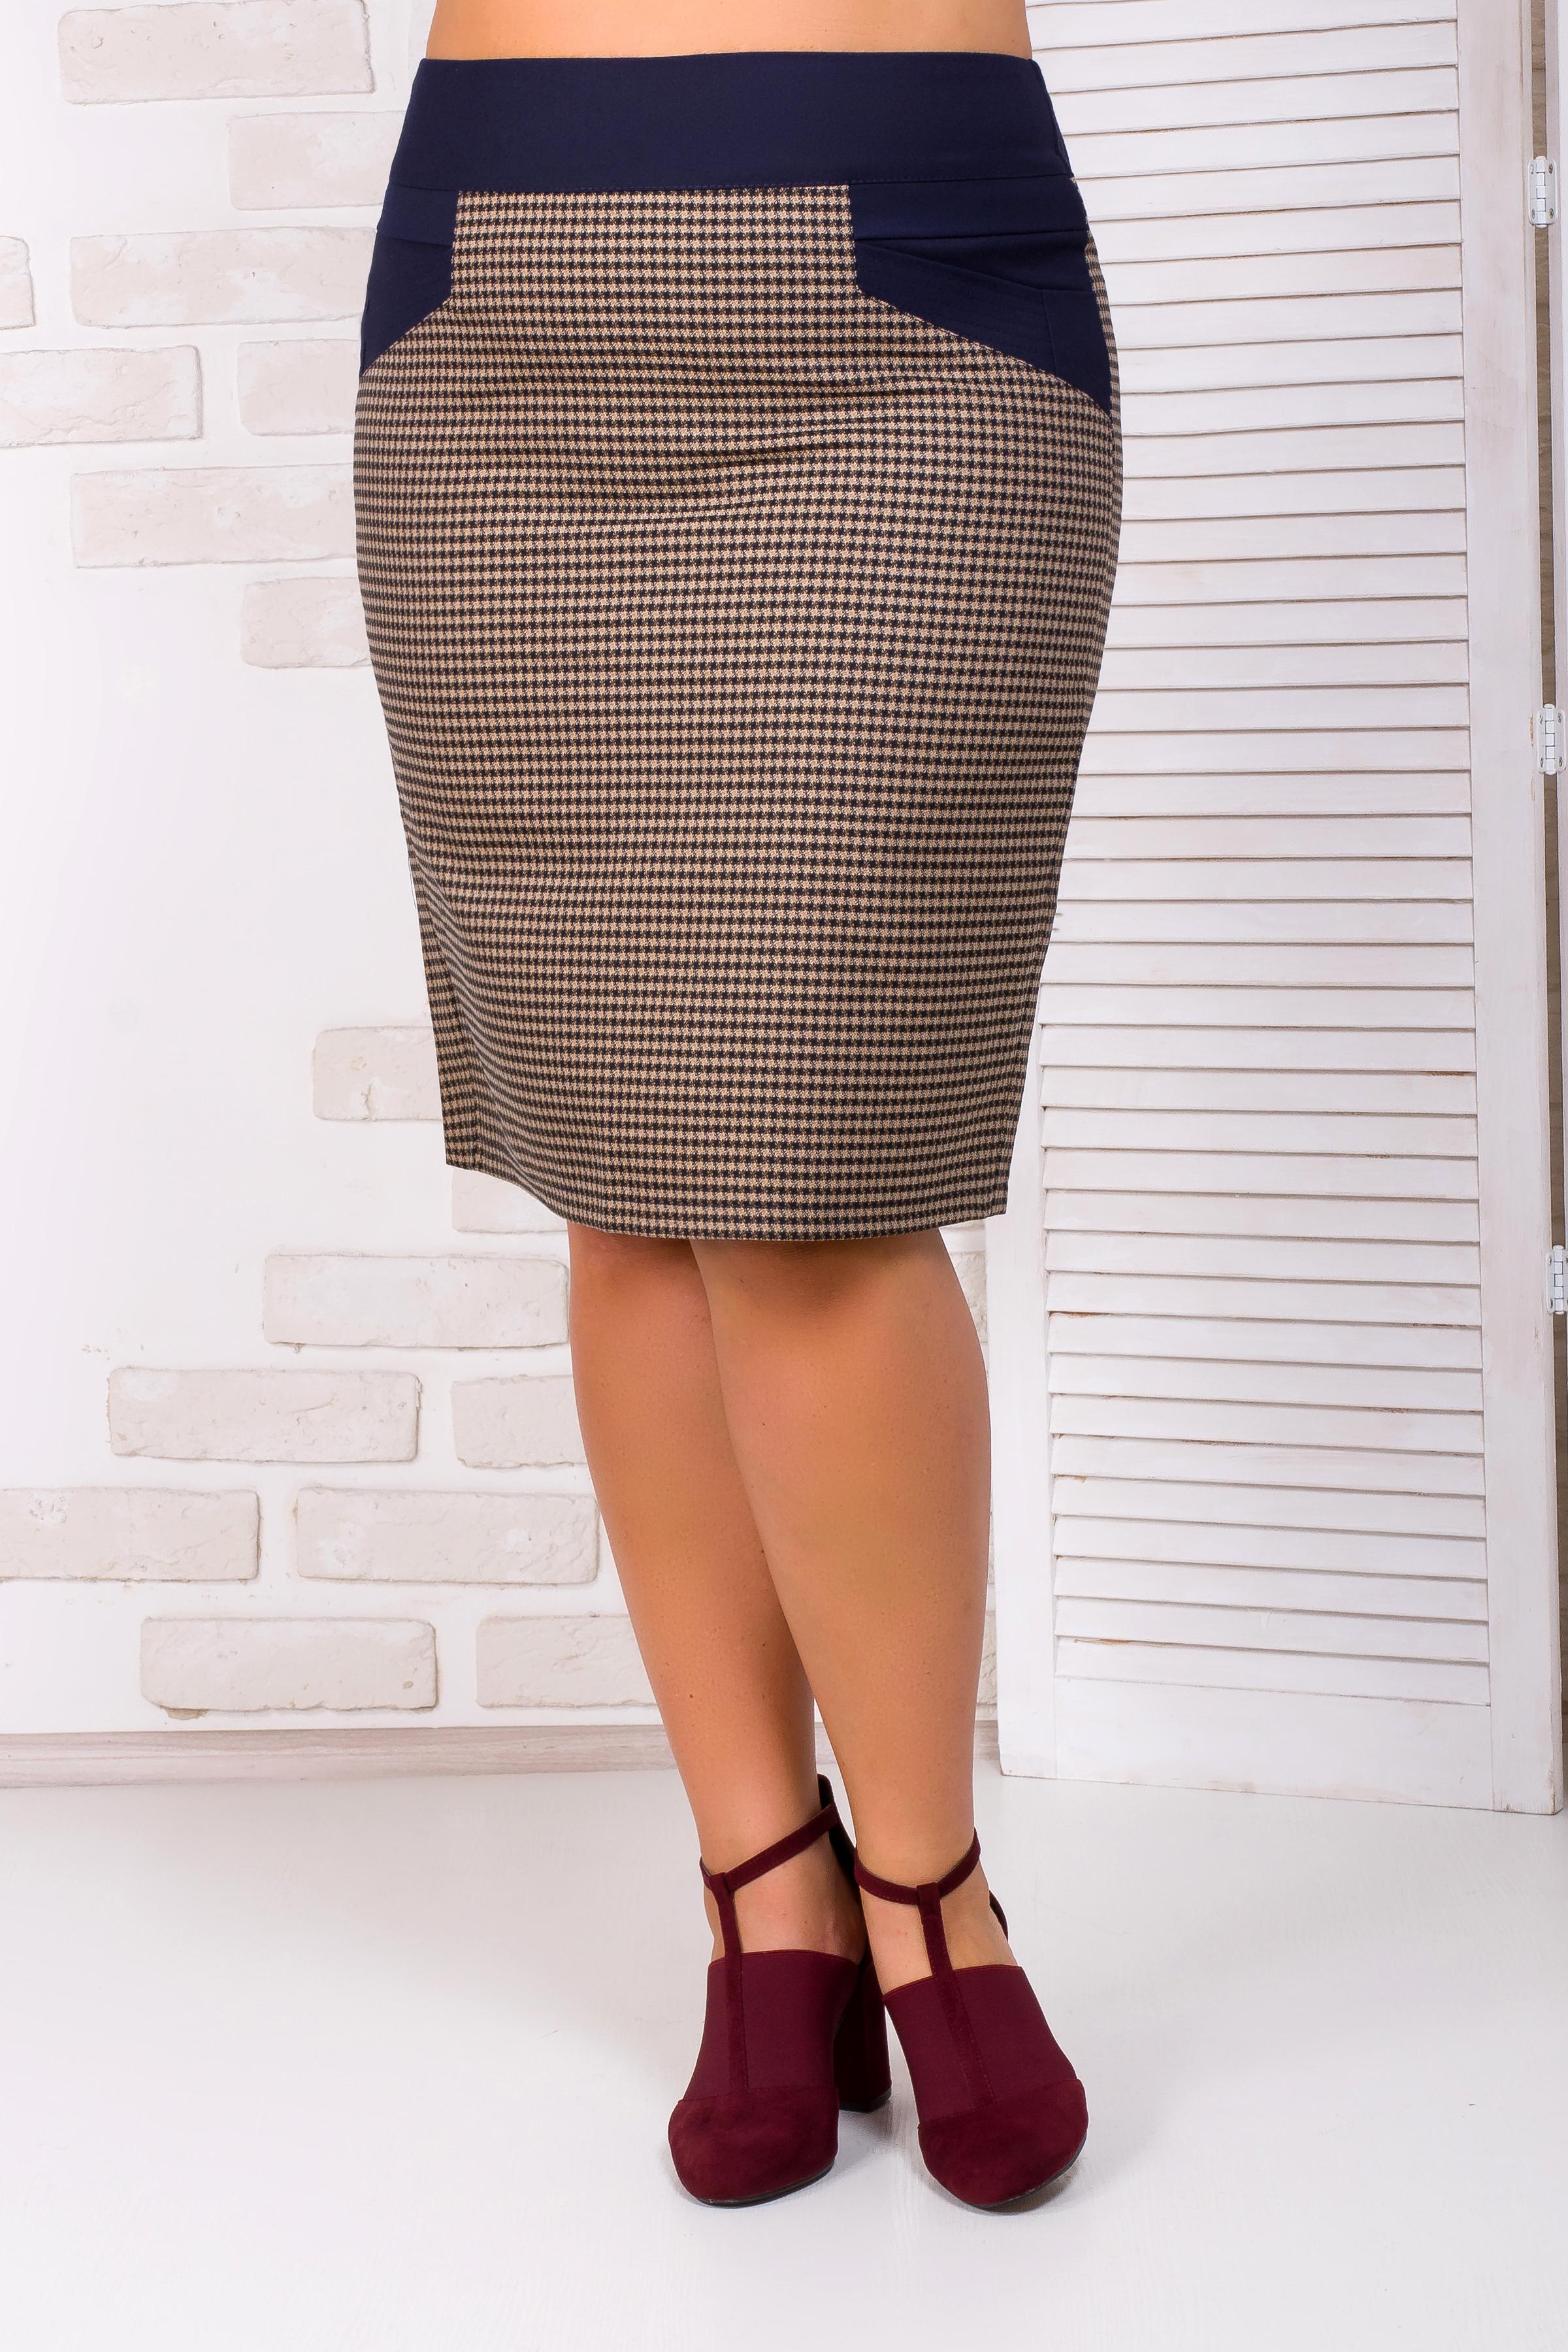 952c3ddbbf92 Юбки оптом, купить женские юбки оптом от производителя в Украине в ...